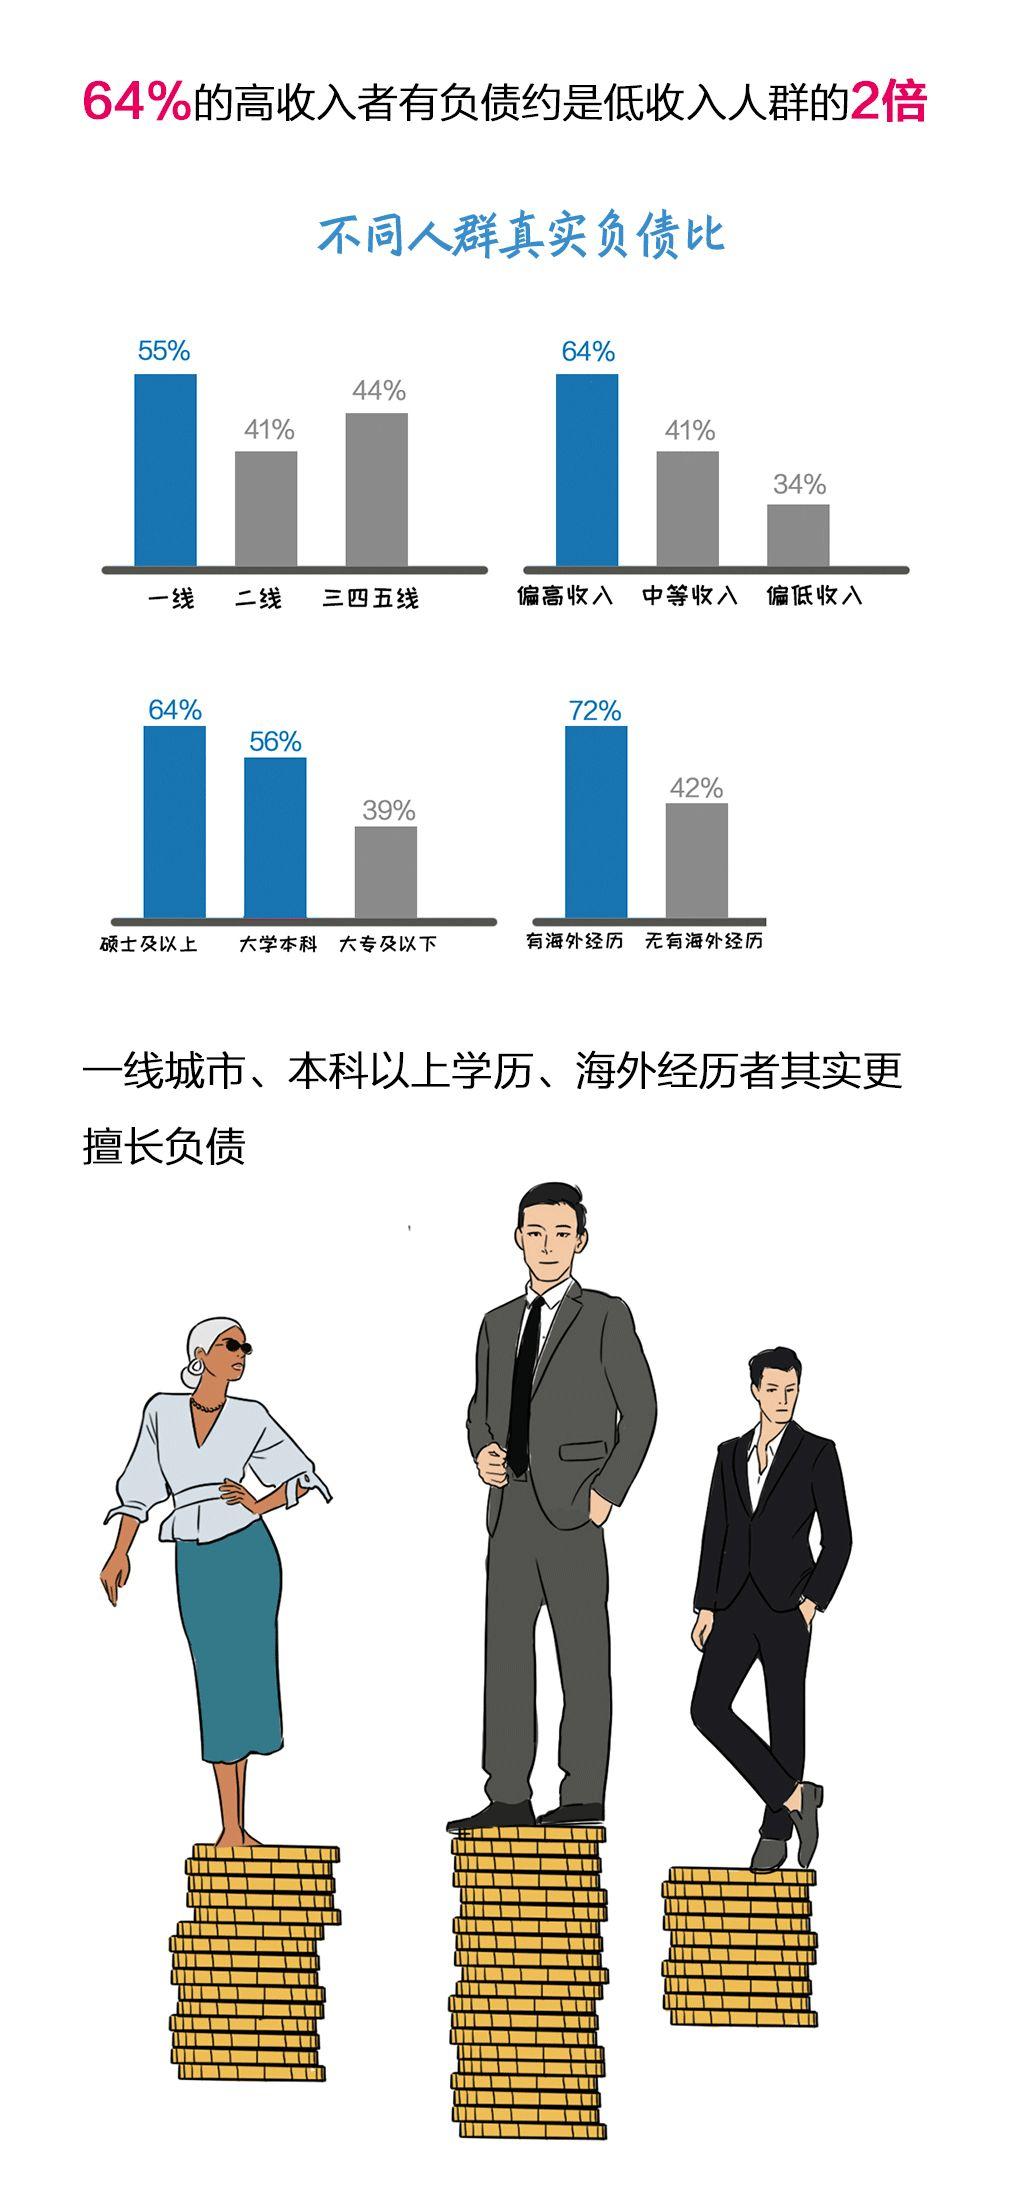 官坛网上娱乐,和时尚唱反调 | 我就爱穿黑鞋你管得着?!